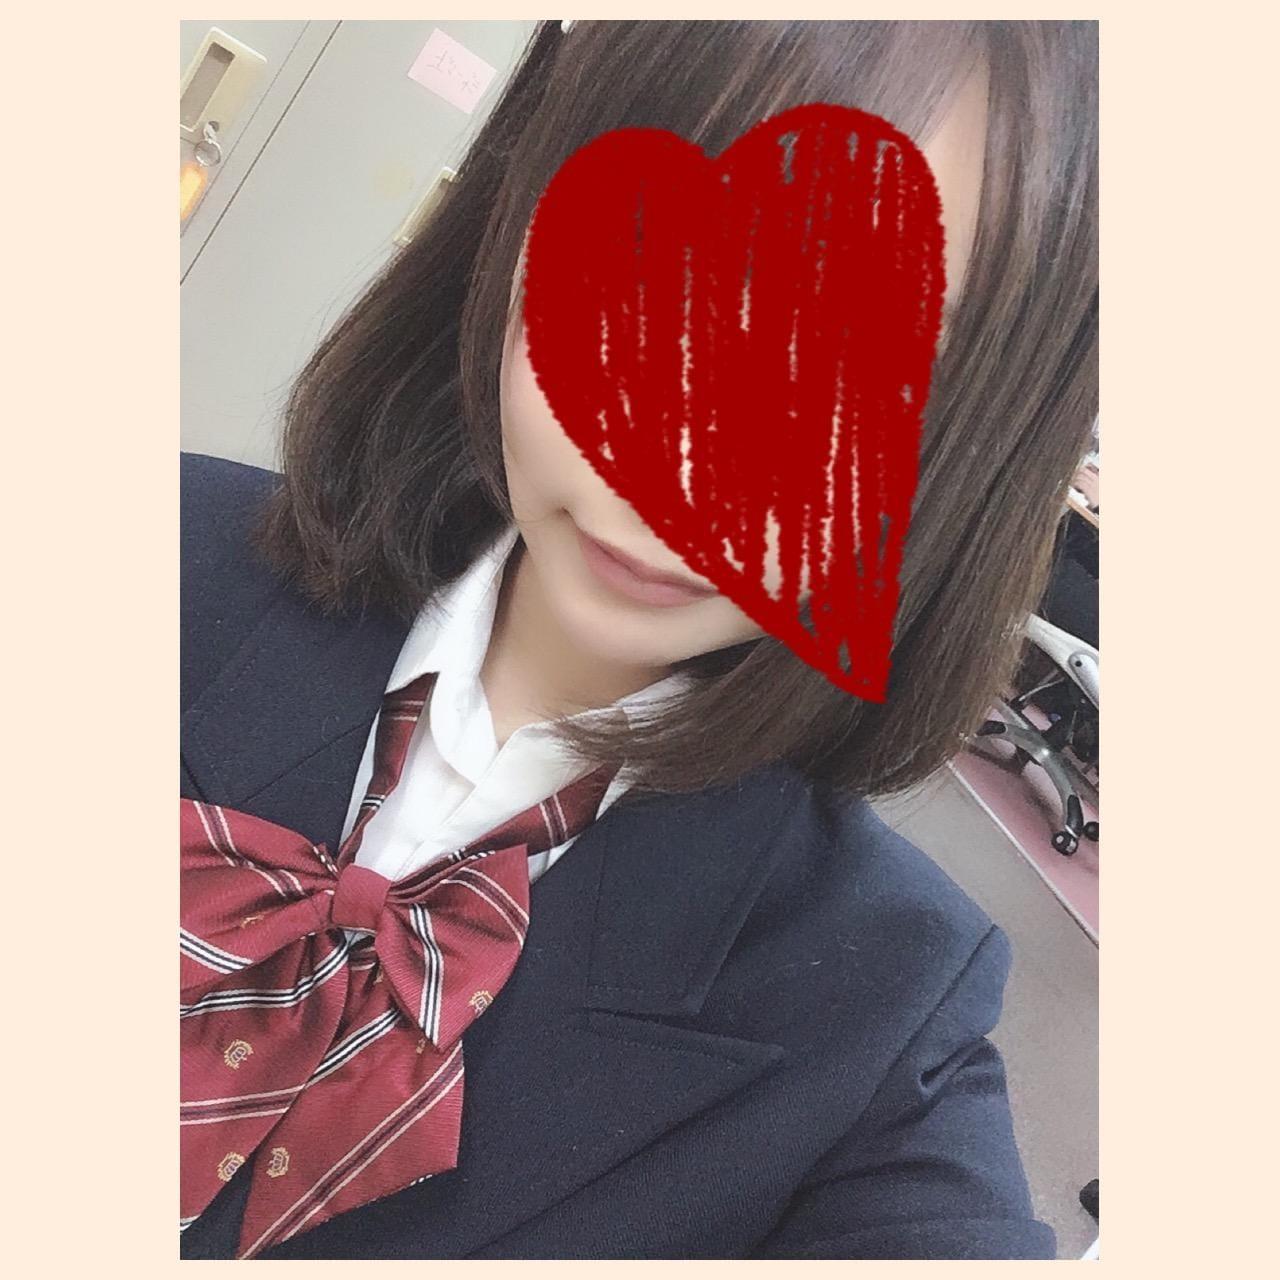 「かな」11/18(11/18) 13:36 | かなの写メ・風俗動画